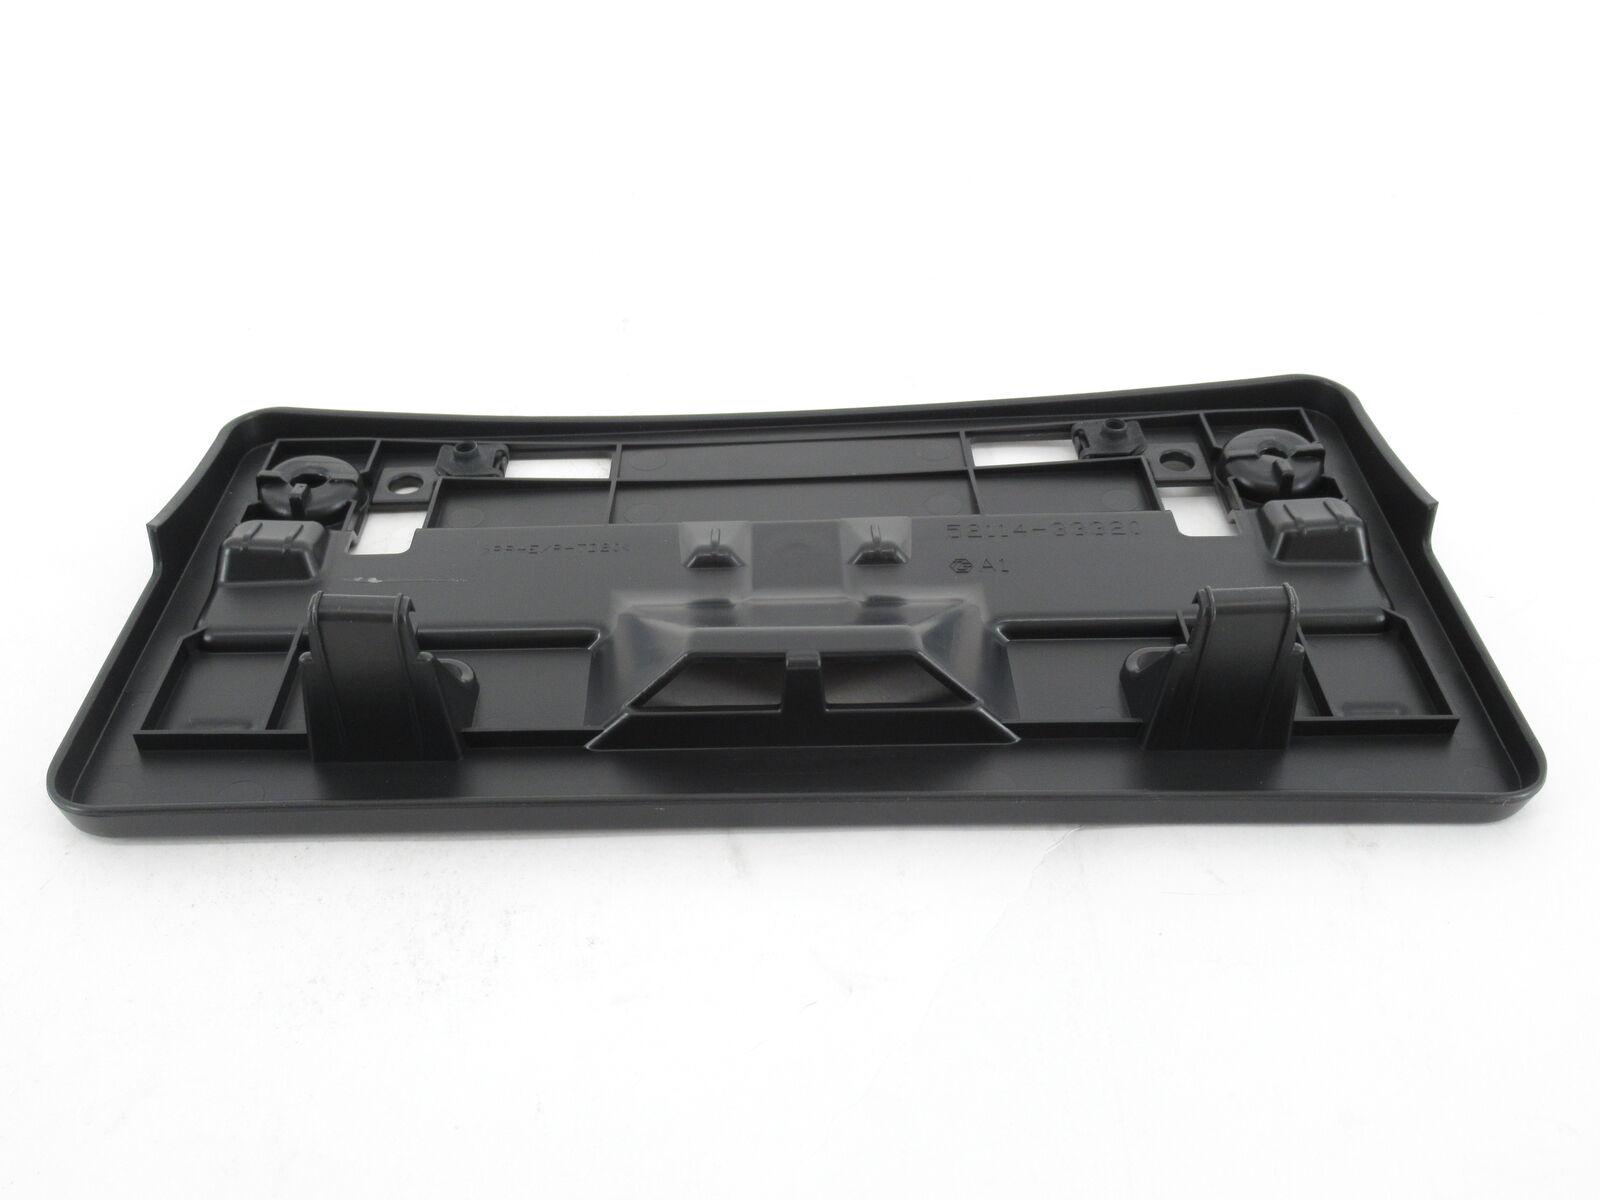 Genuine OEM Lexus 52114-33320 Front License Plate Bracket 2013-15 ES300h /& ES350